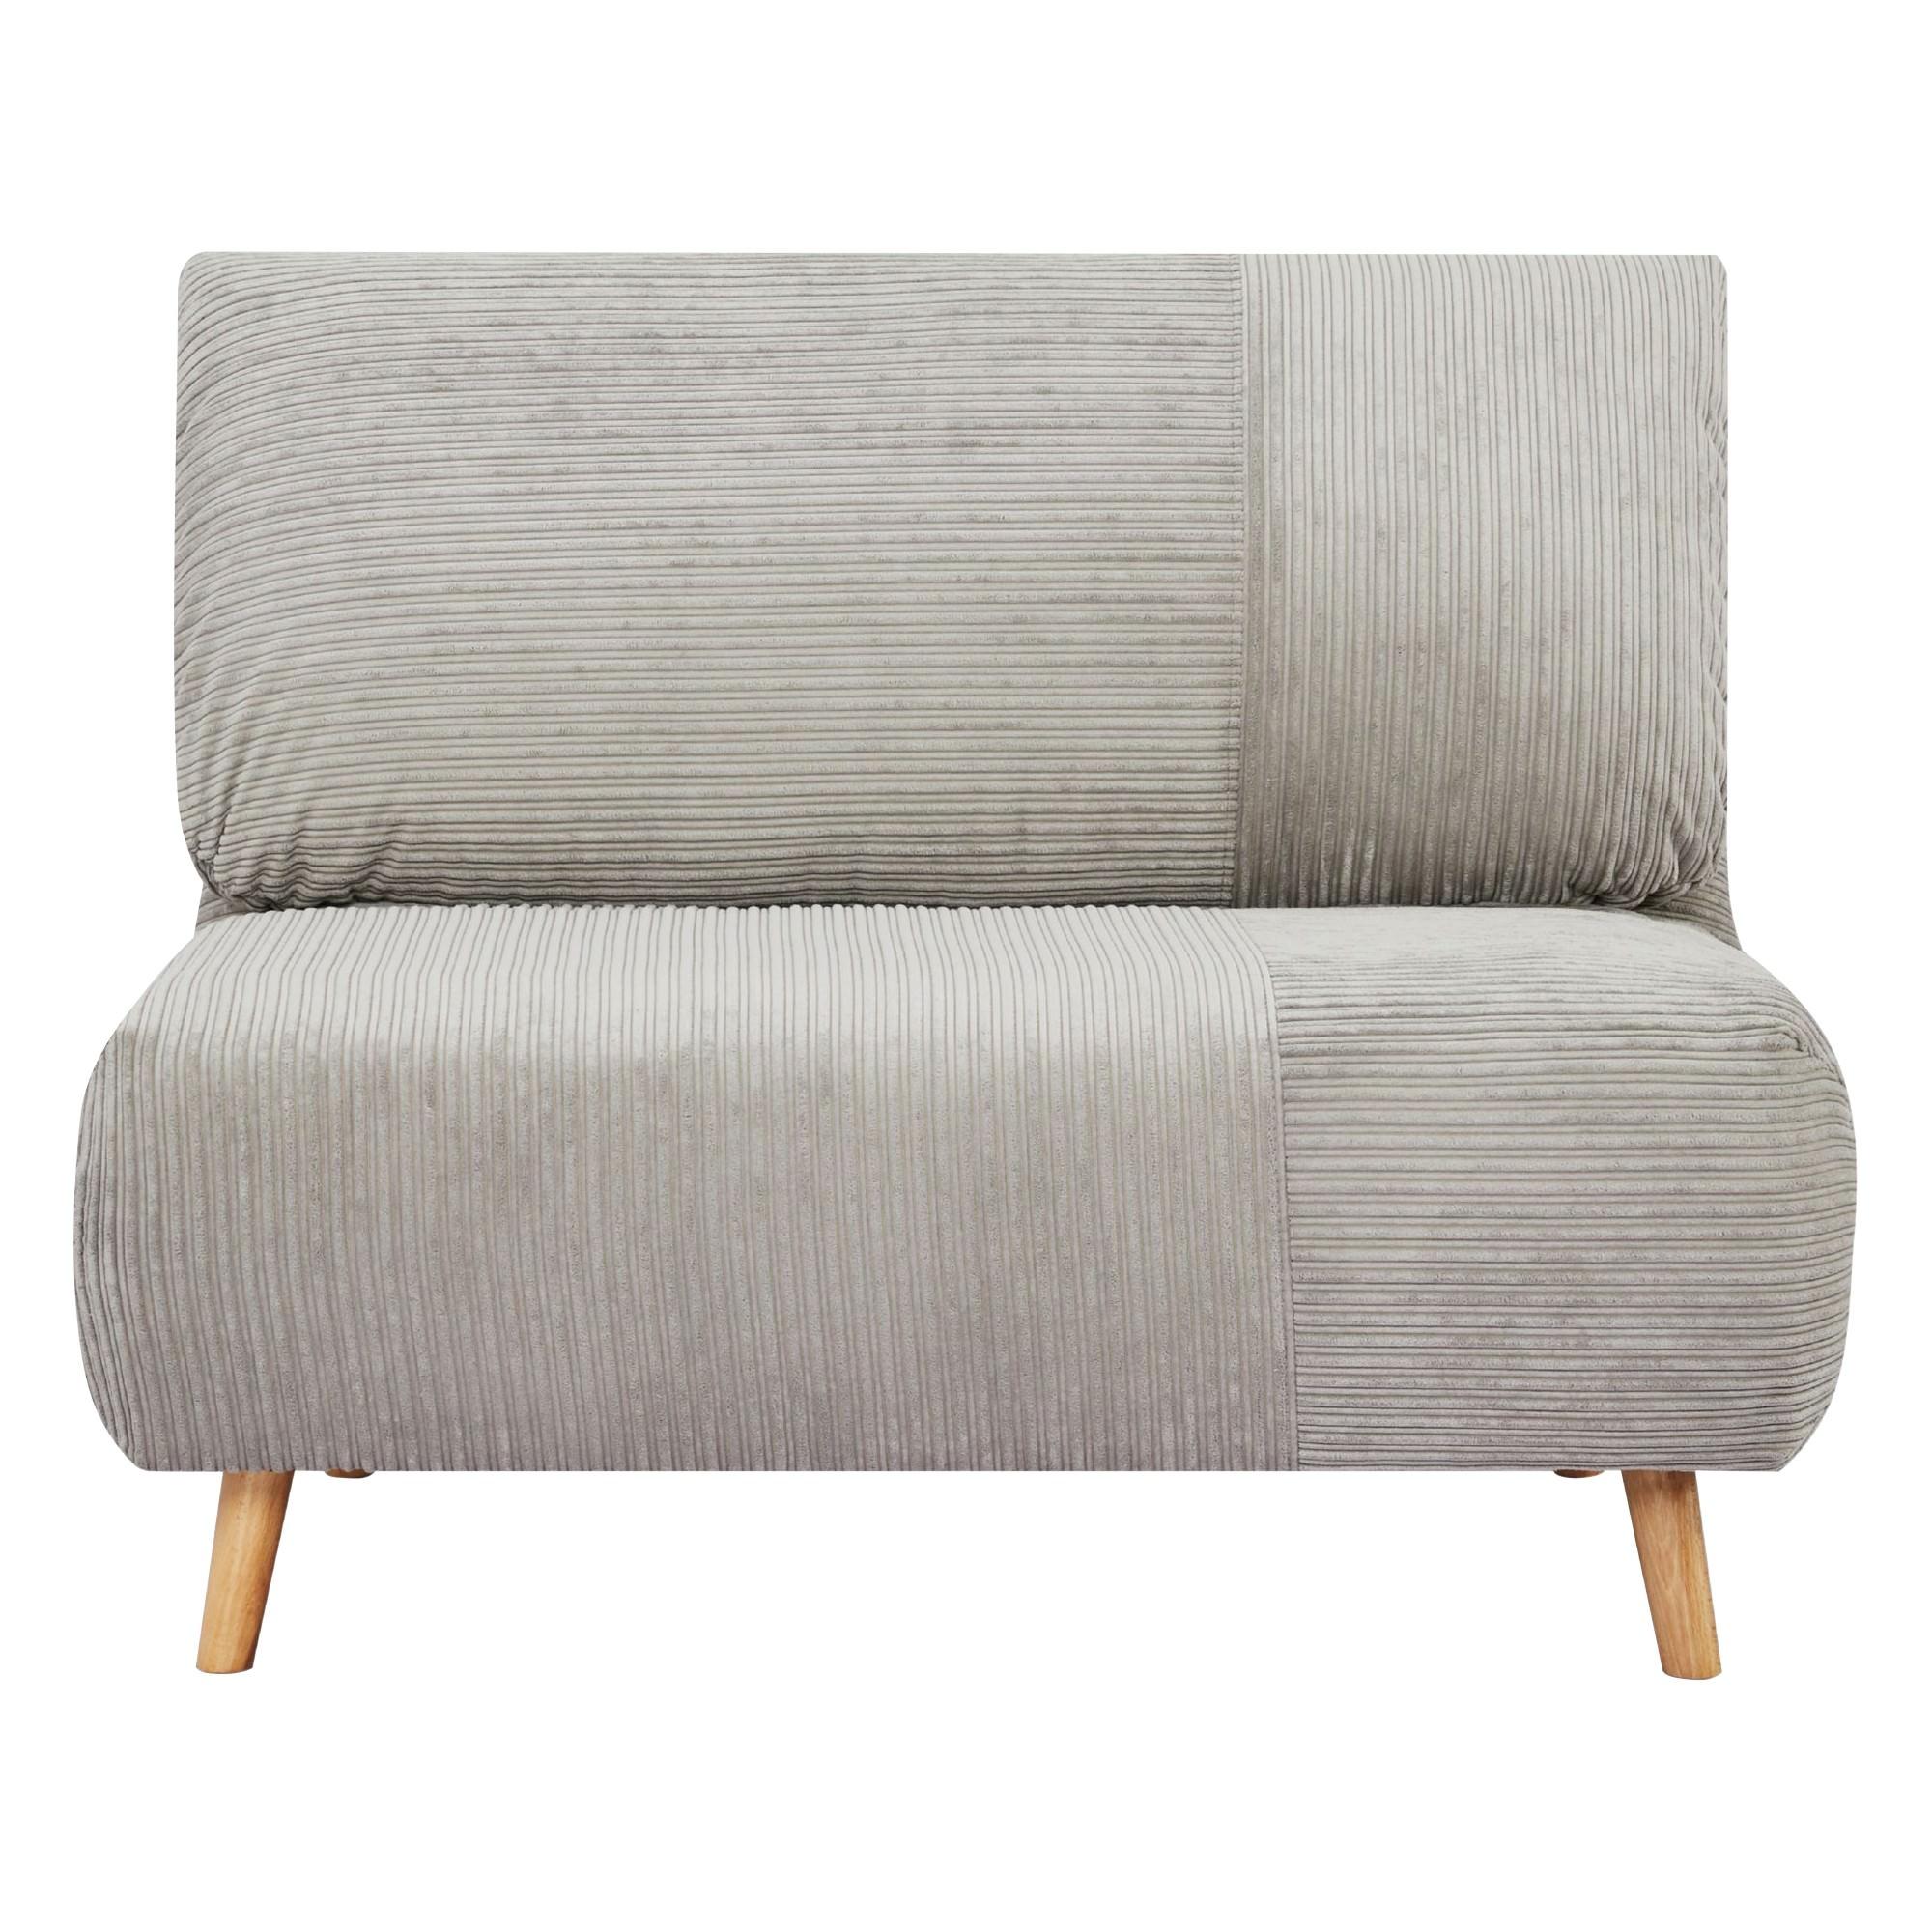 Orsted Fabric Futon Sofa Bed